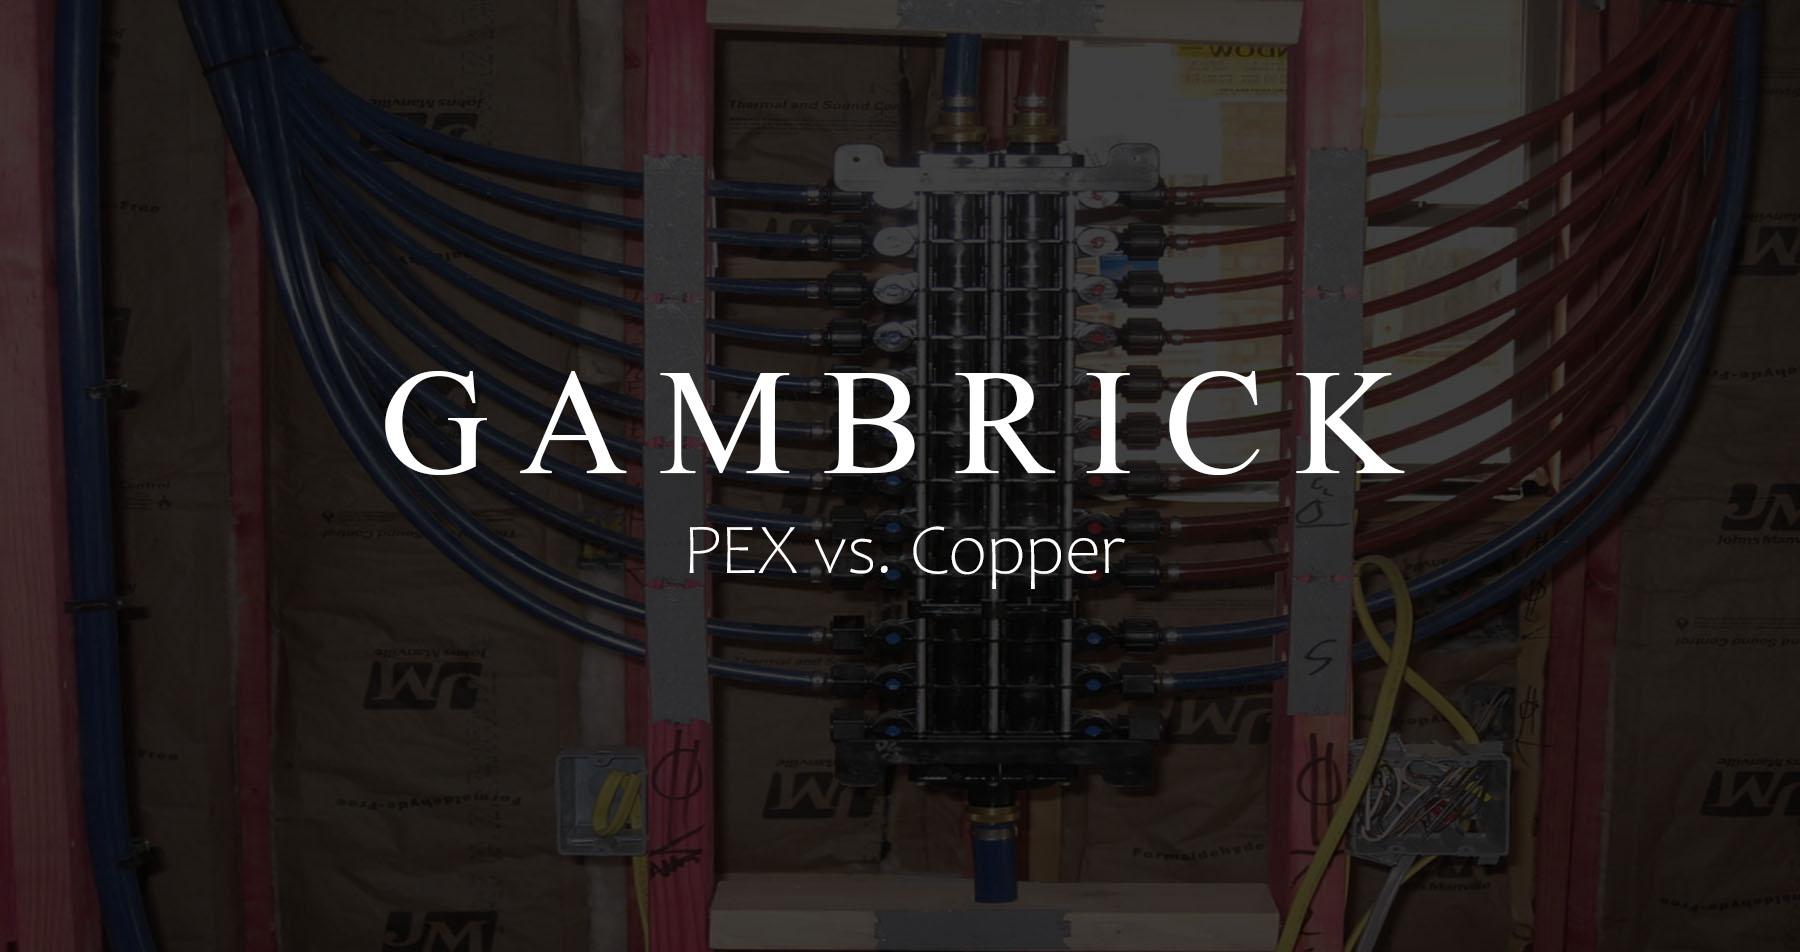 PEX vs copper banner pic